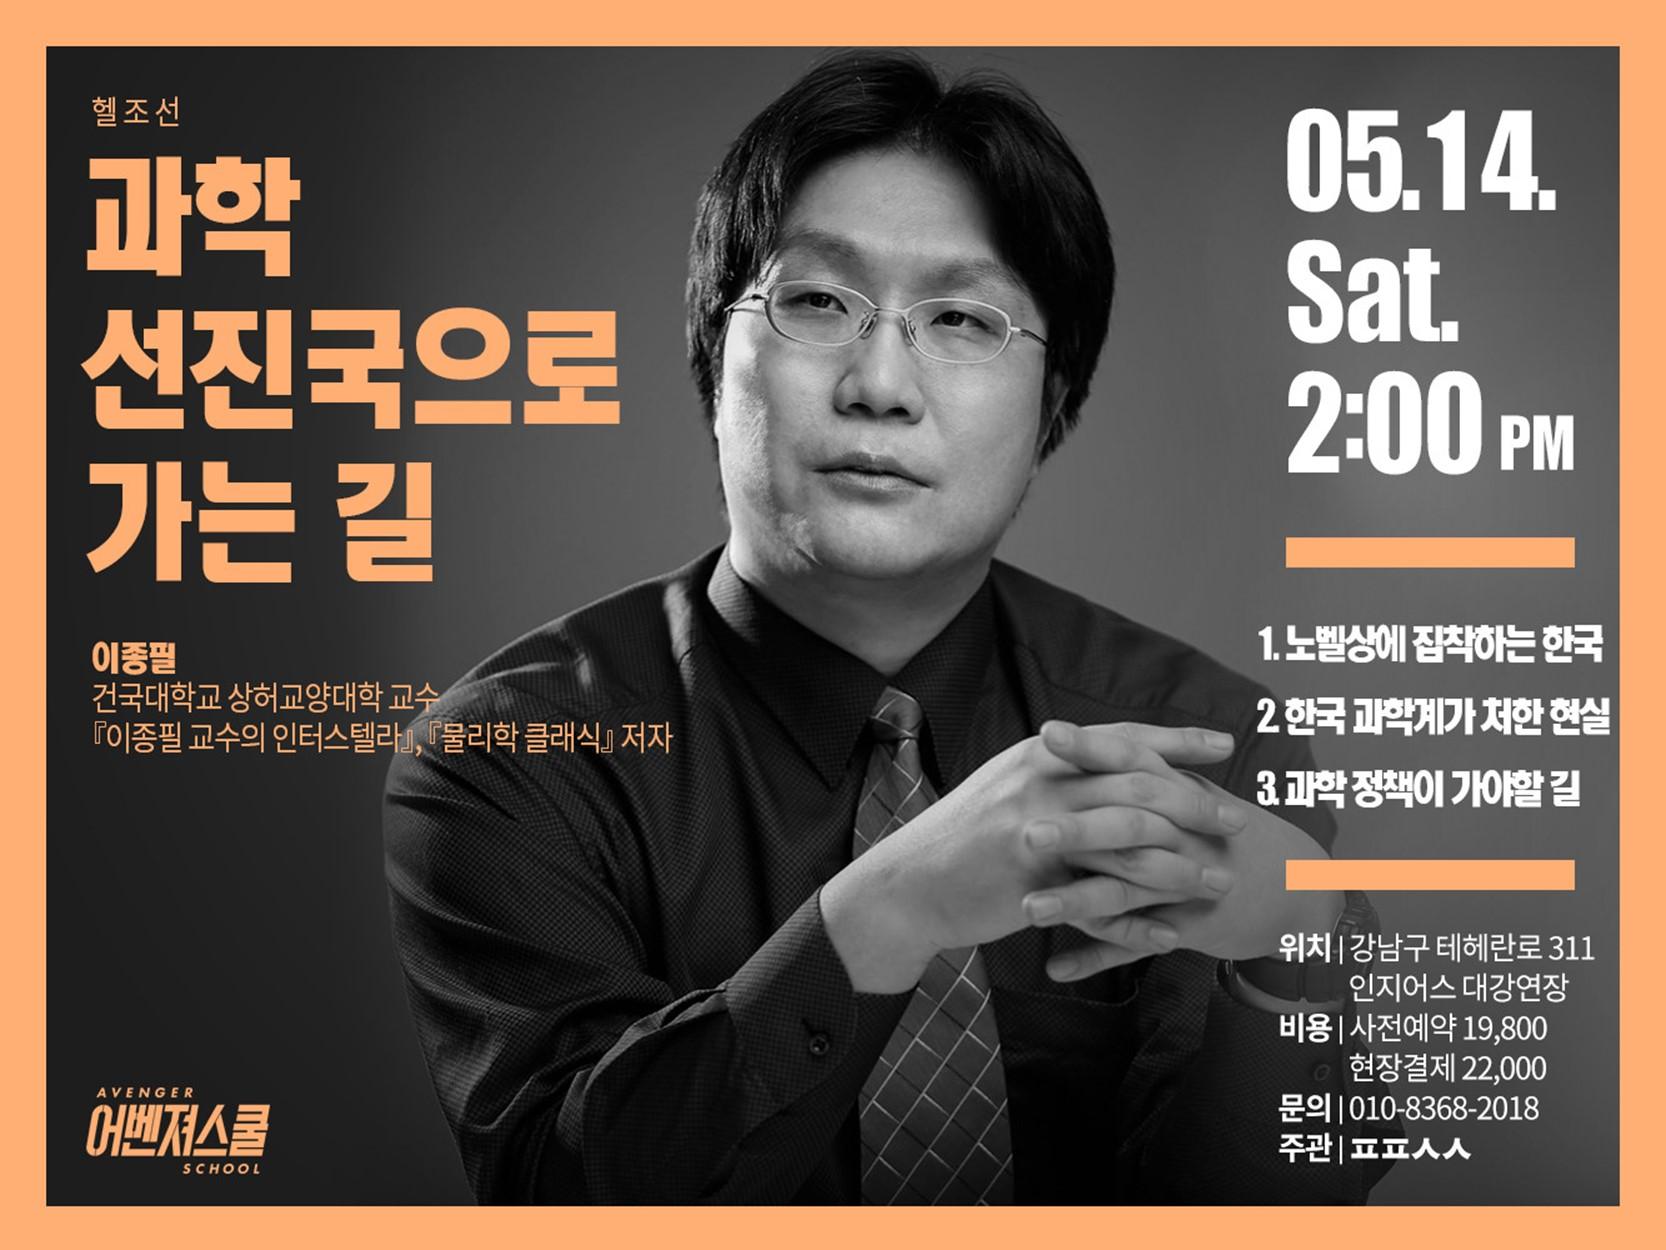 어벤저스쿨-뉴턴이 한국와서 고생한다